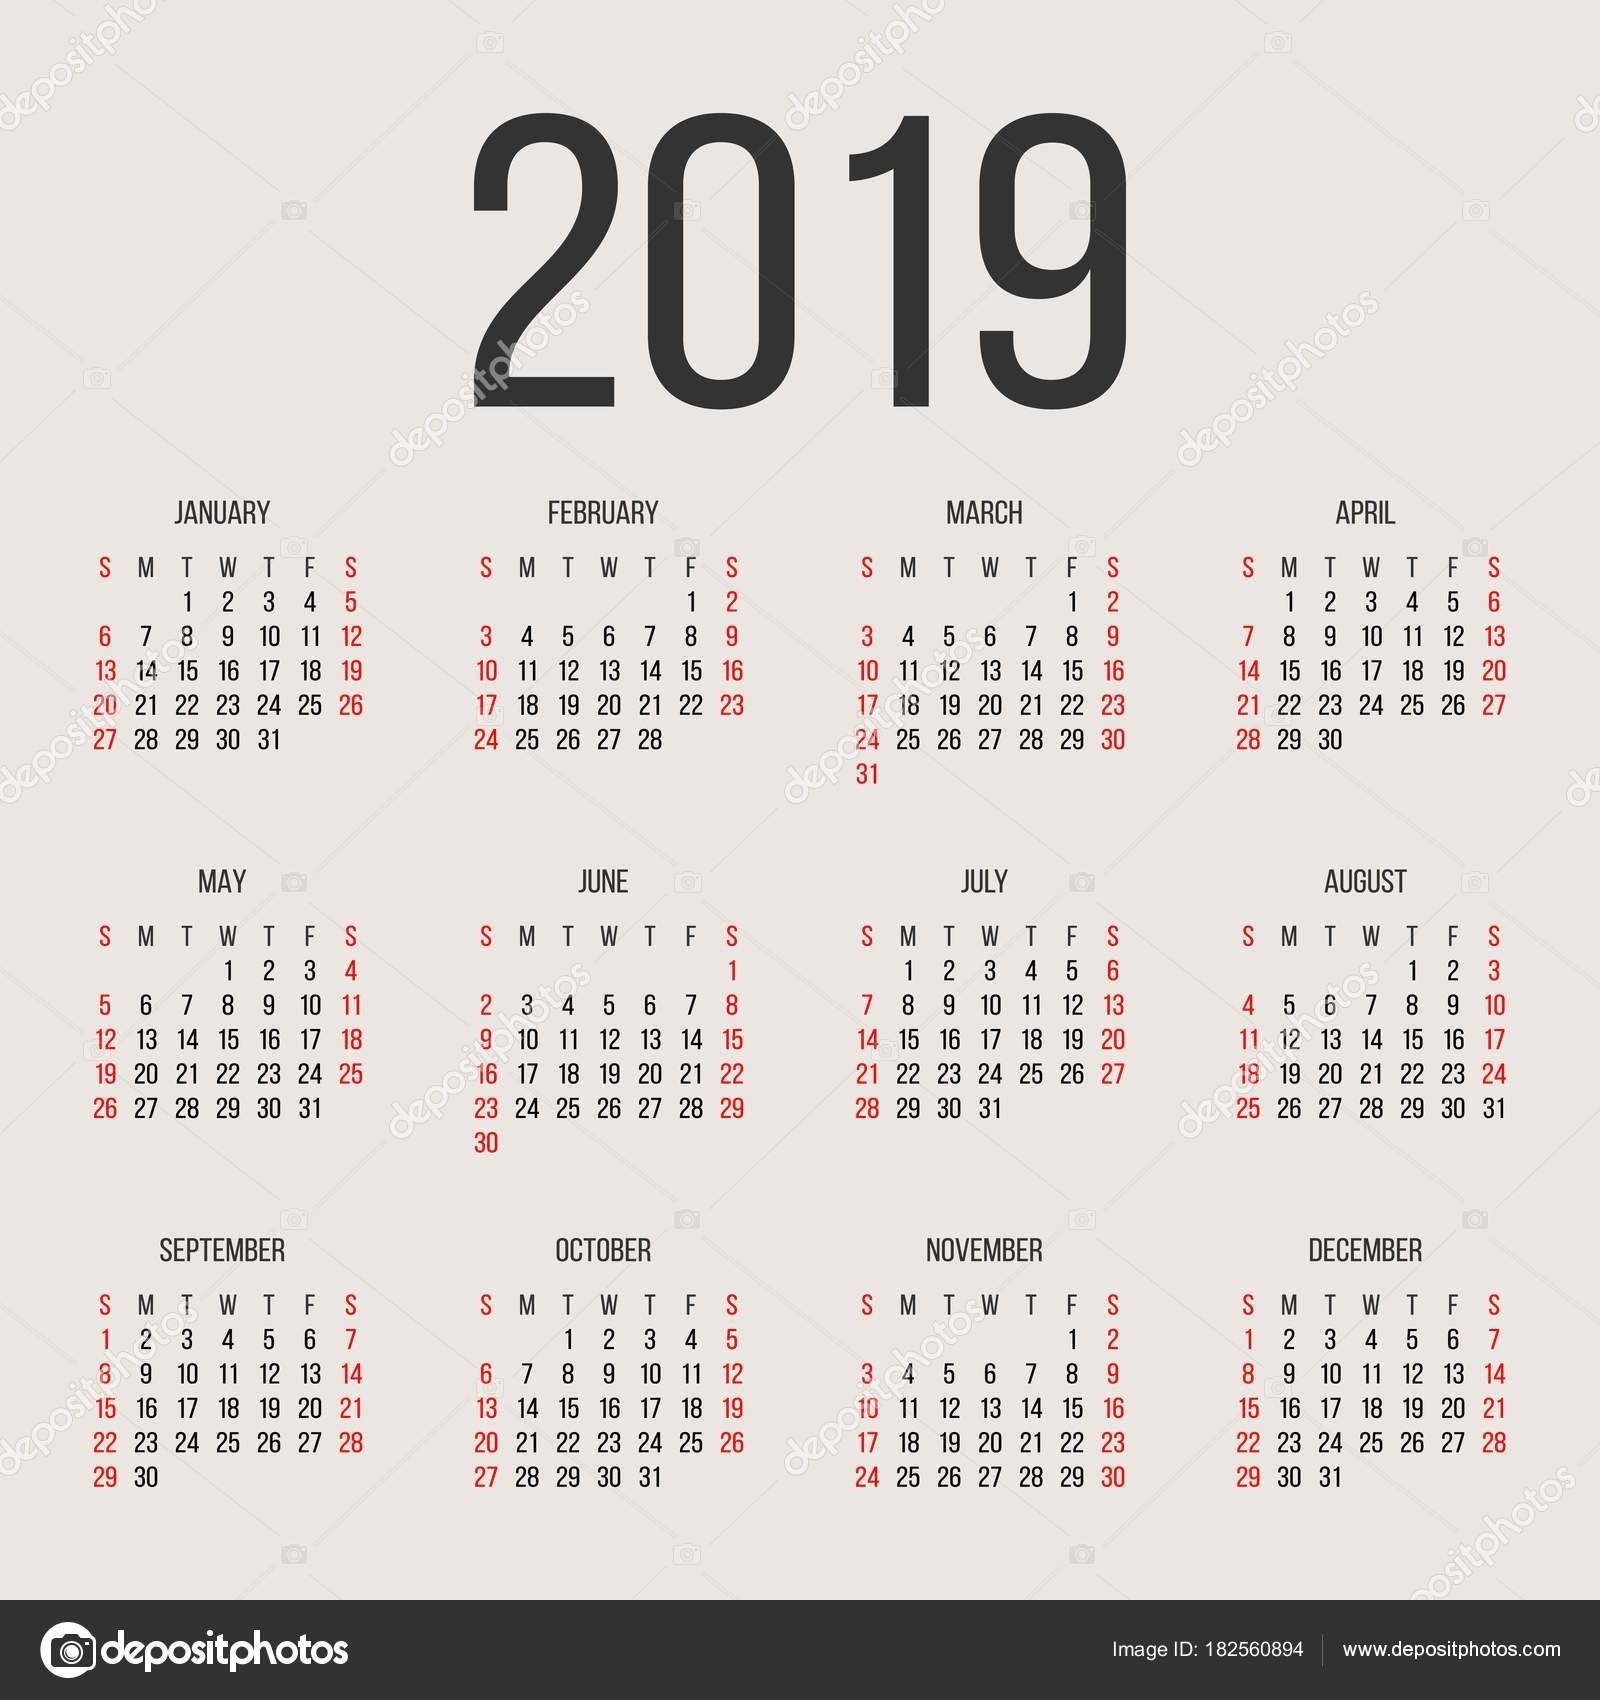 Kalendarzowy 2019 roku wektor szablon projektu Rok kalendarzowy 2019 proste Wektor ko…'o kalendarzowy